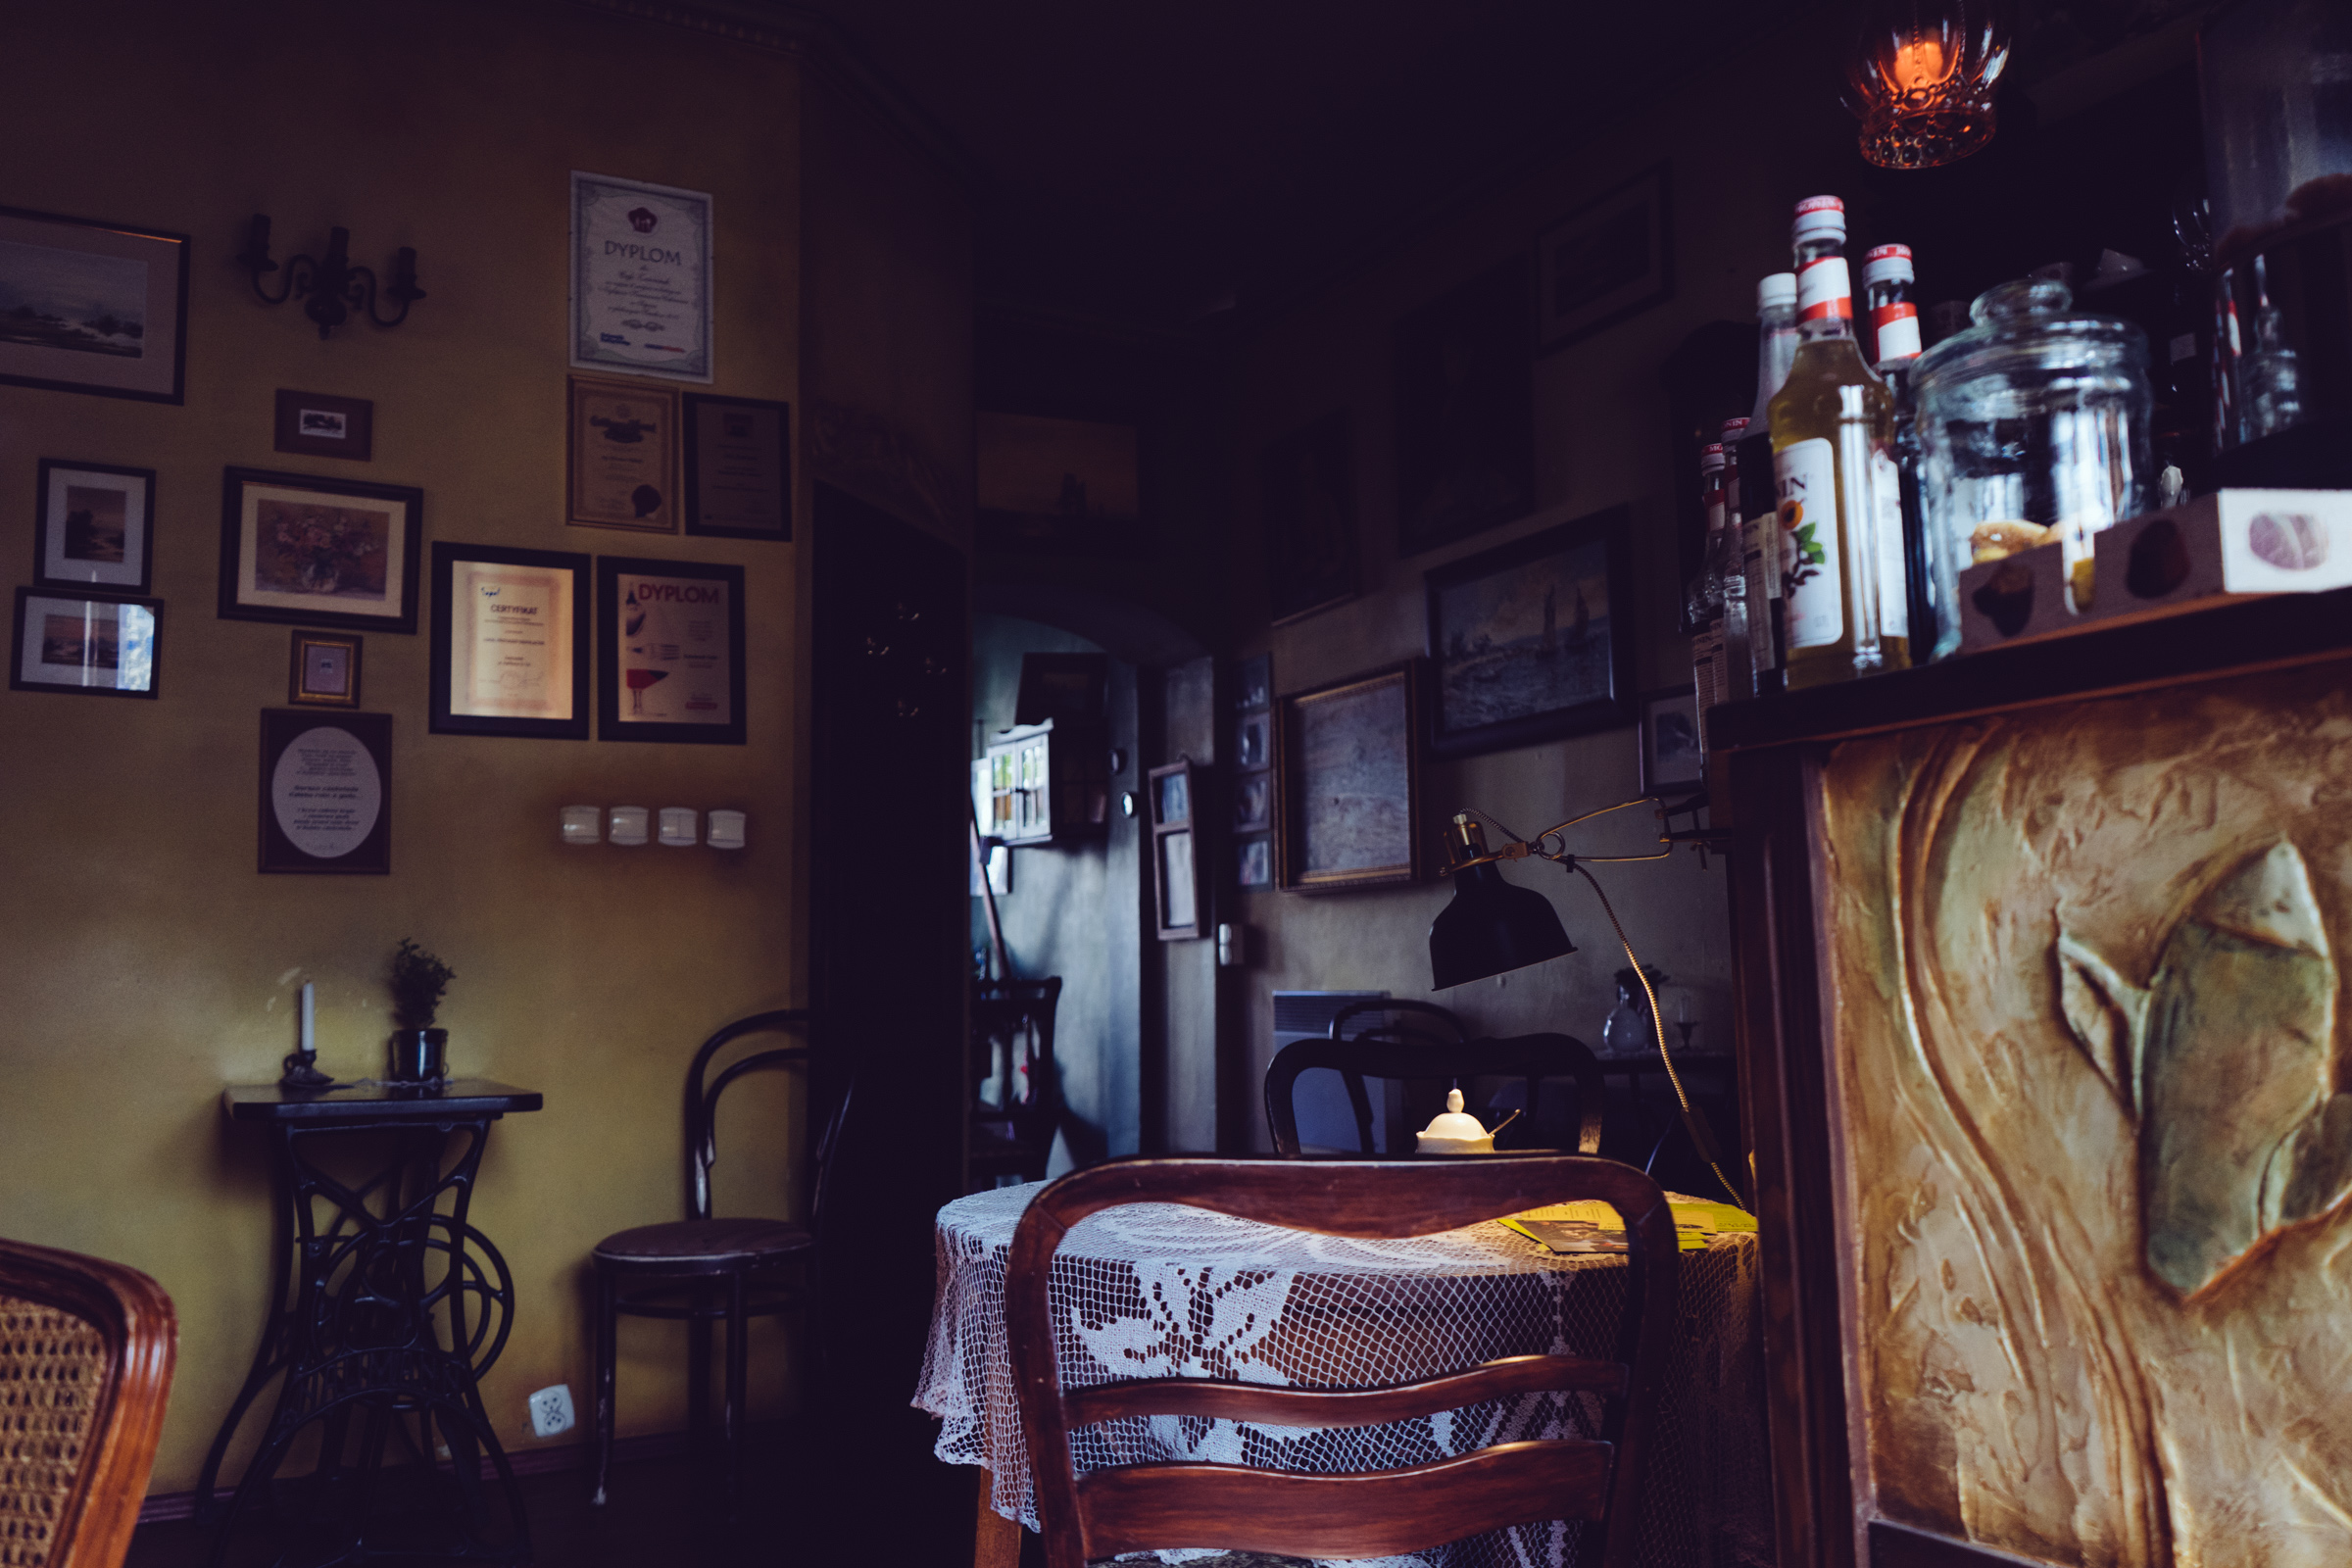 Une ambiance polonaise au Café Zaścianek de Sopot - Poméranie - Pologne